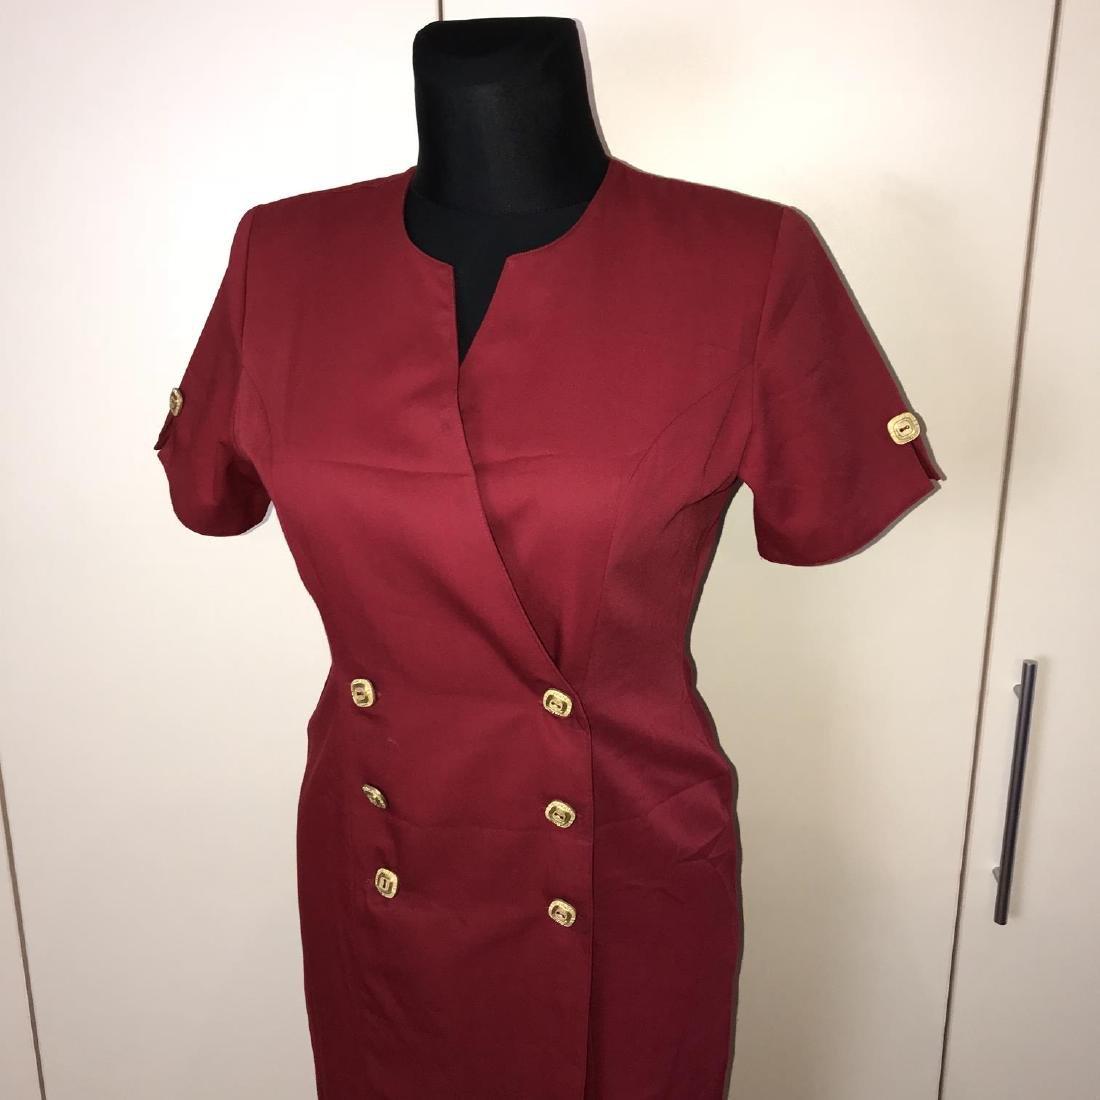 Vintage Women's French Designer Dress Size US 10 EUR 40 - 2